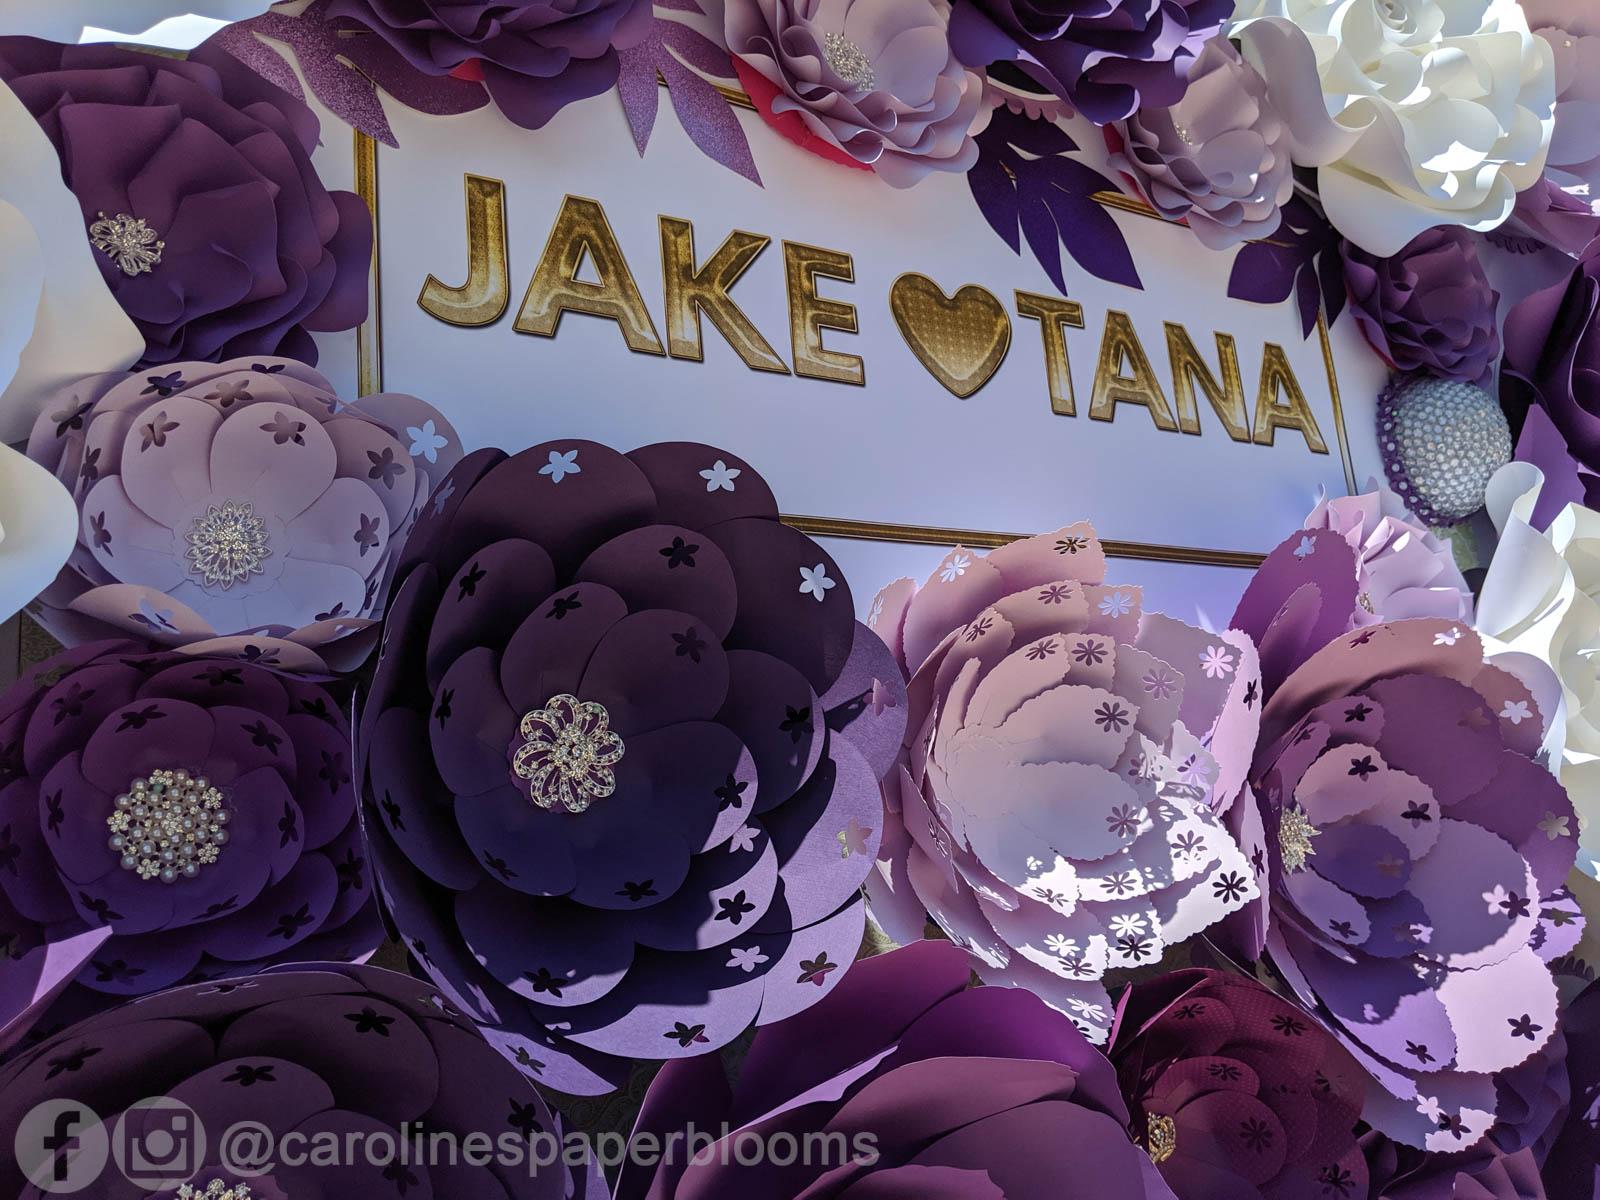 Jake Paul Tana Mongeau Las Vegas Wedding Paper Flower Wall Backdrop Caroline S Paper Blooms